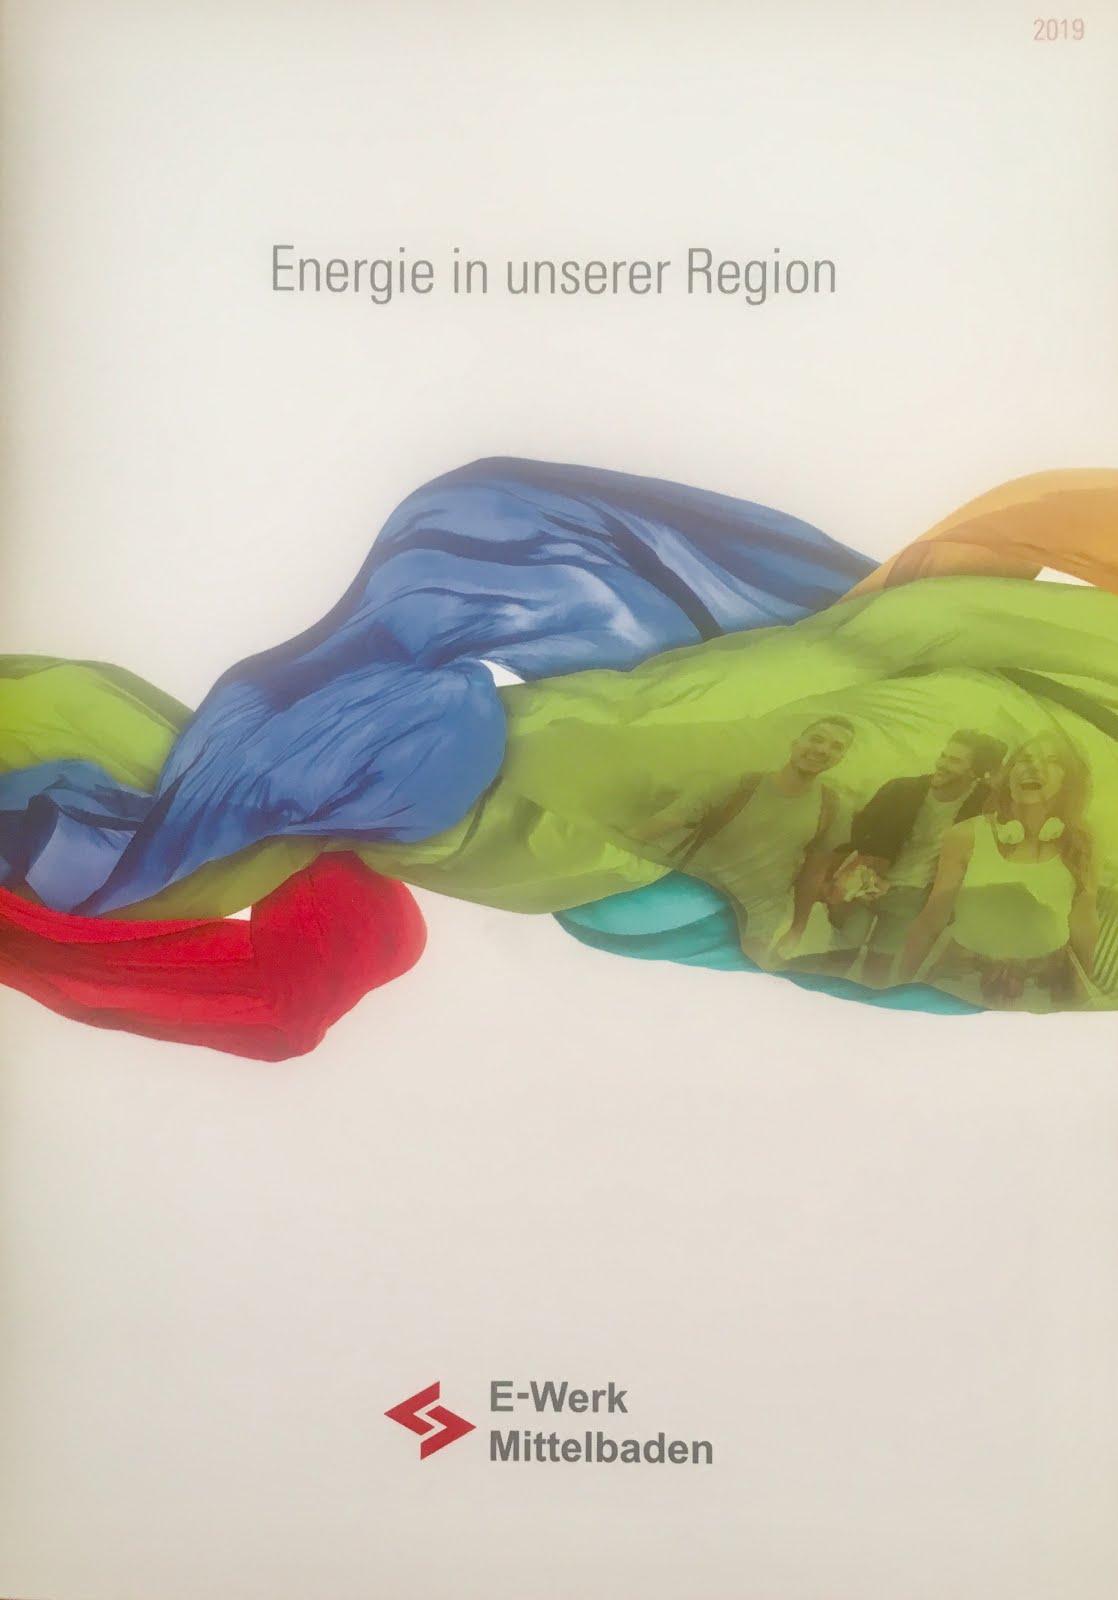 ENERGIE IN UNSERER REGION